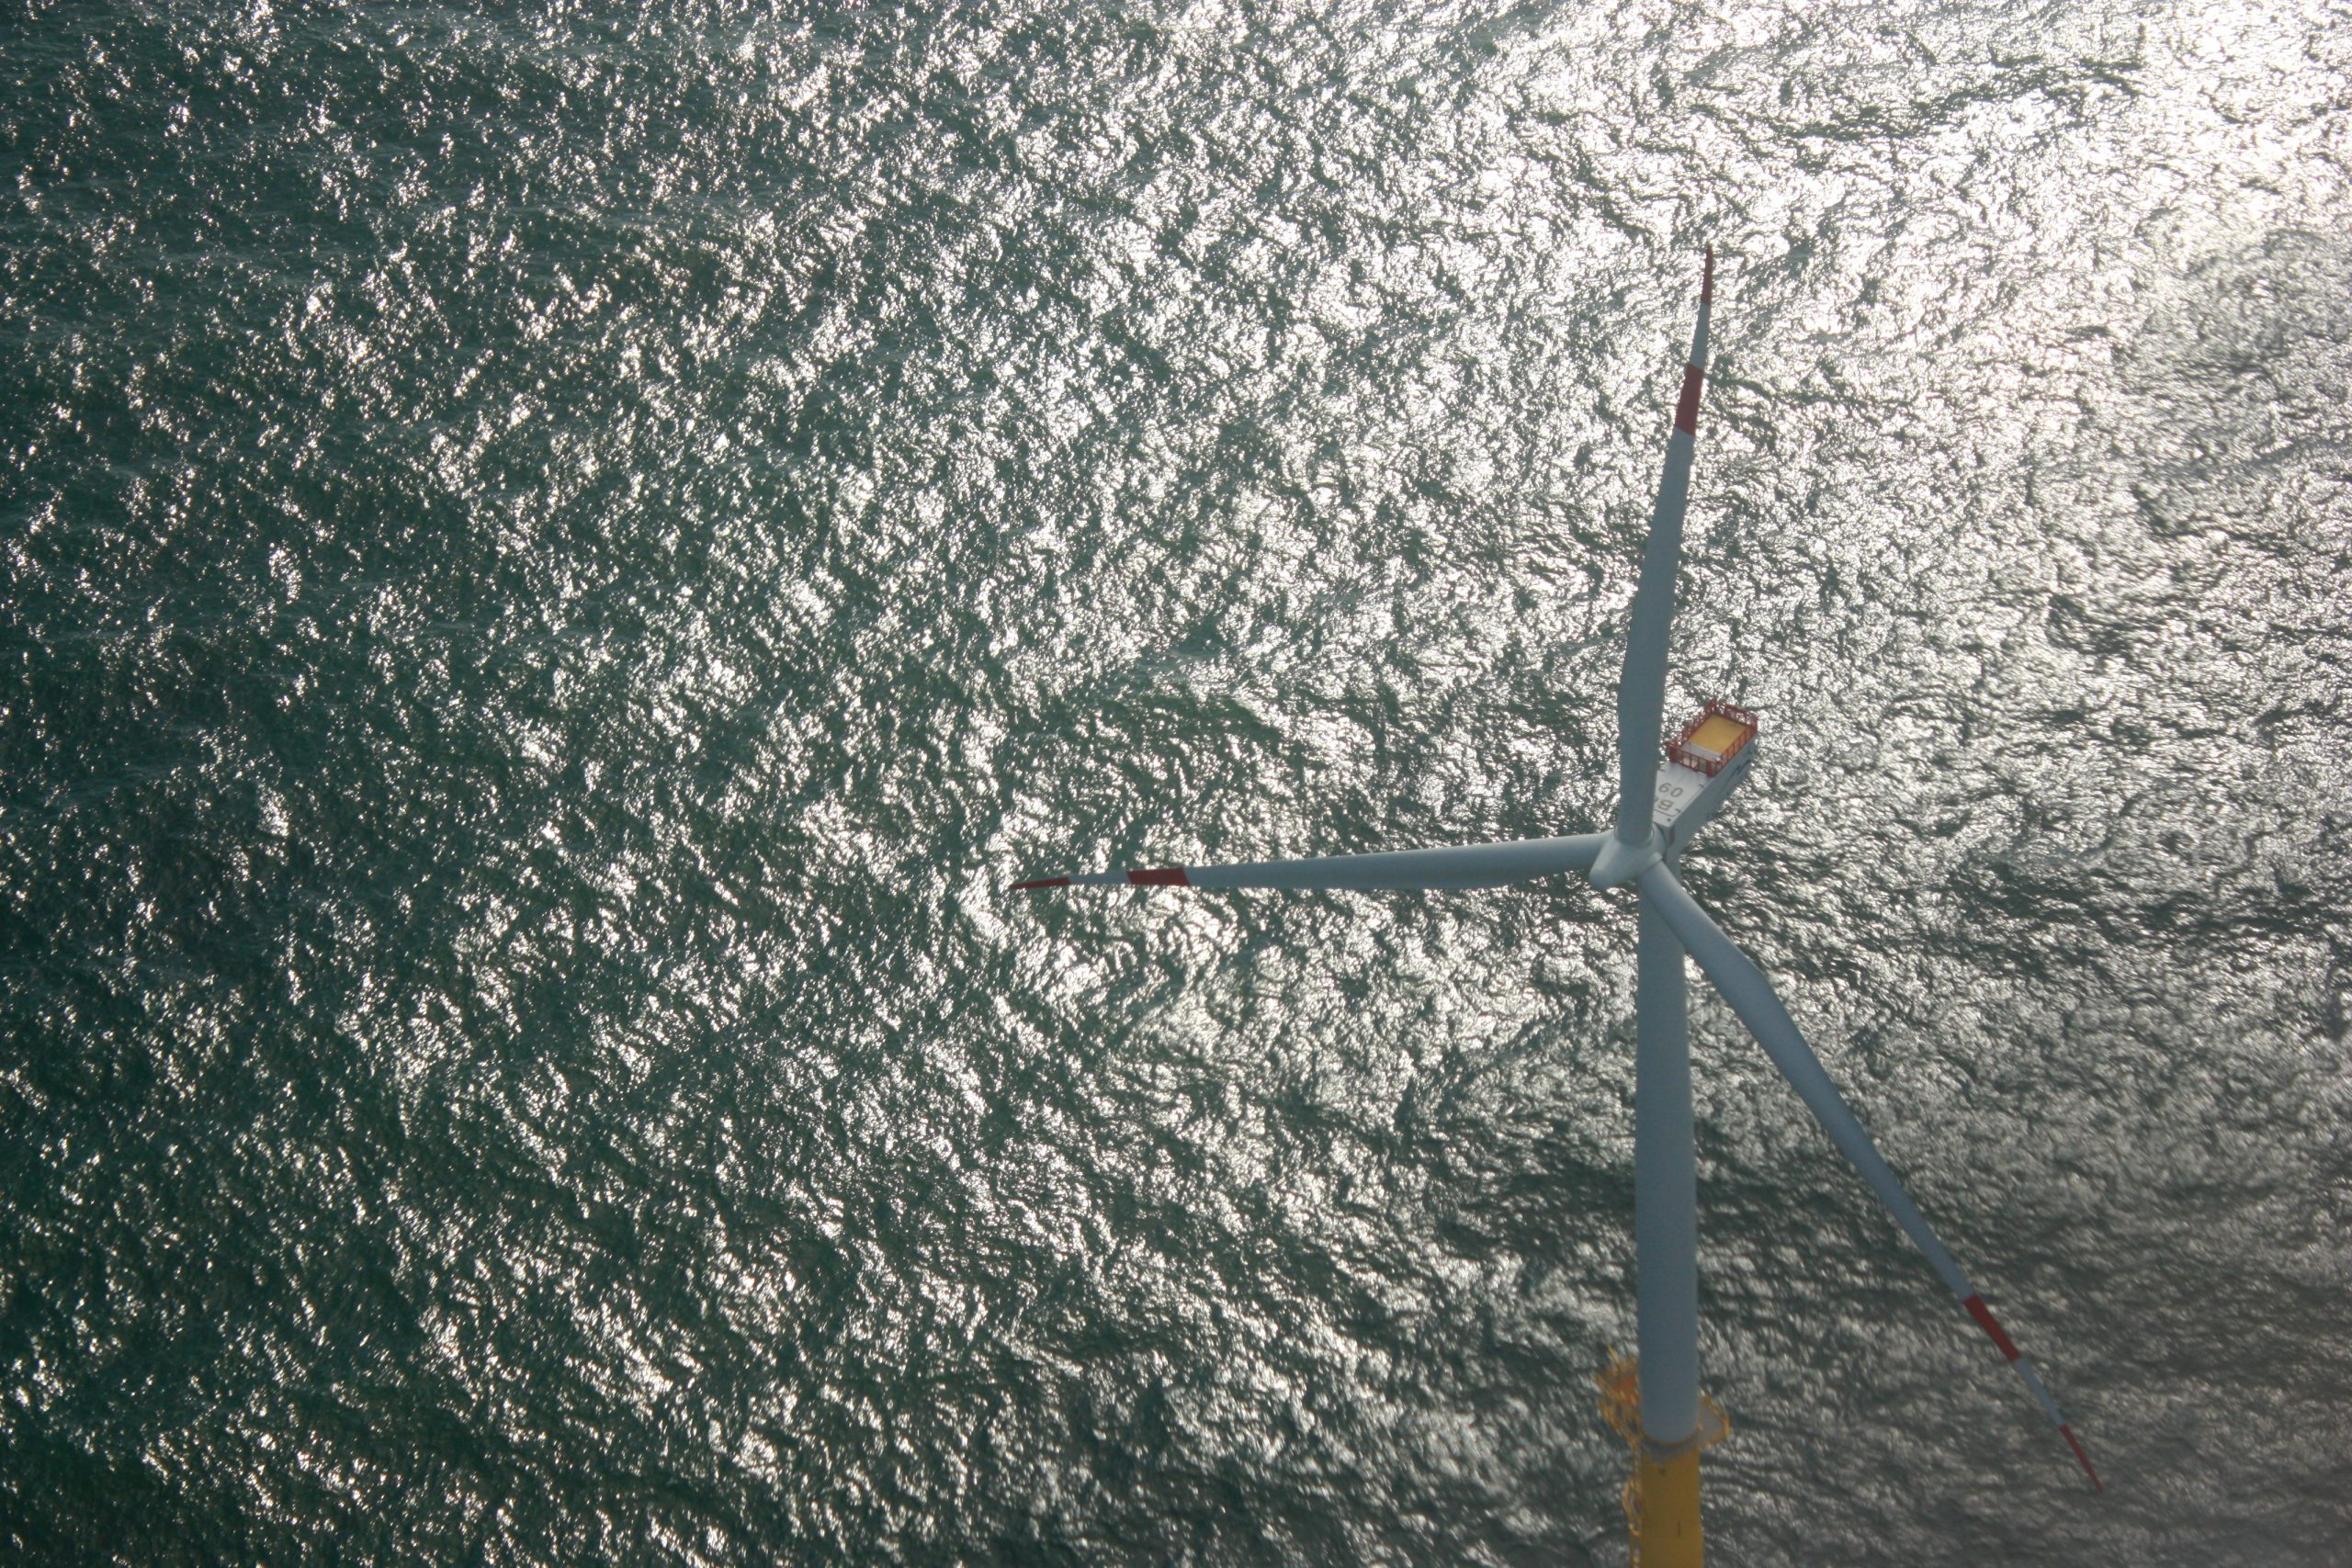 Mainstream renonce à l'éolien offshore face à la «baisse des opportunités»